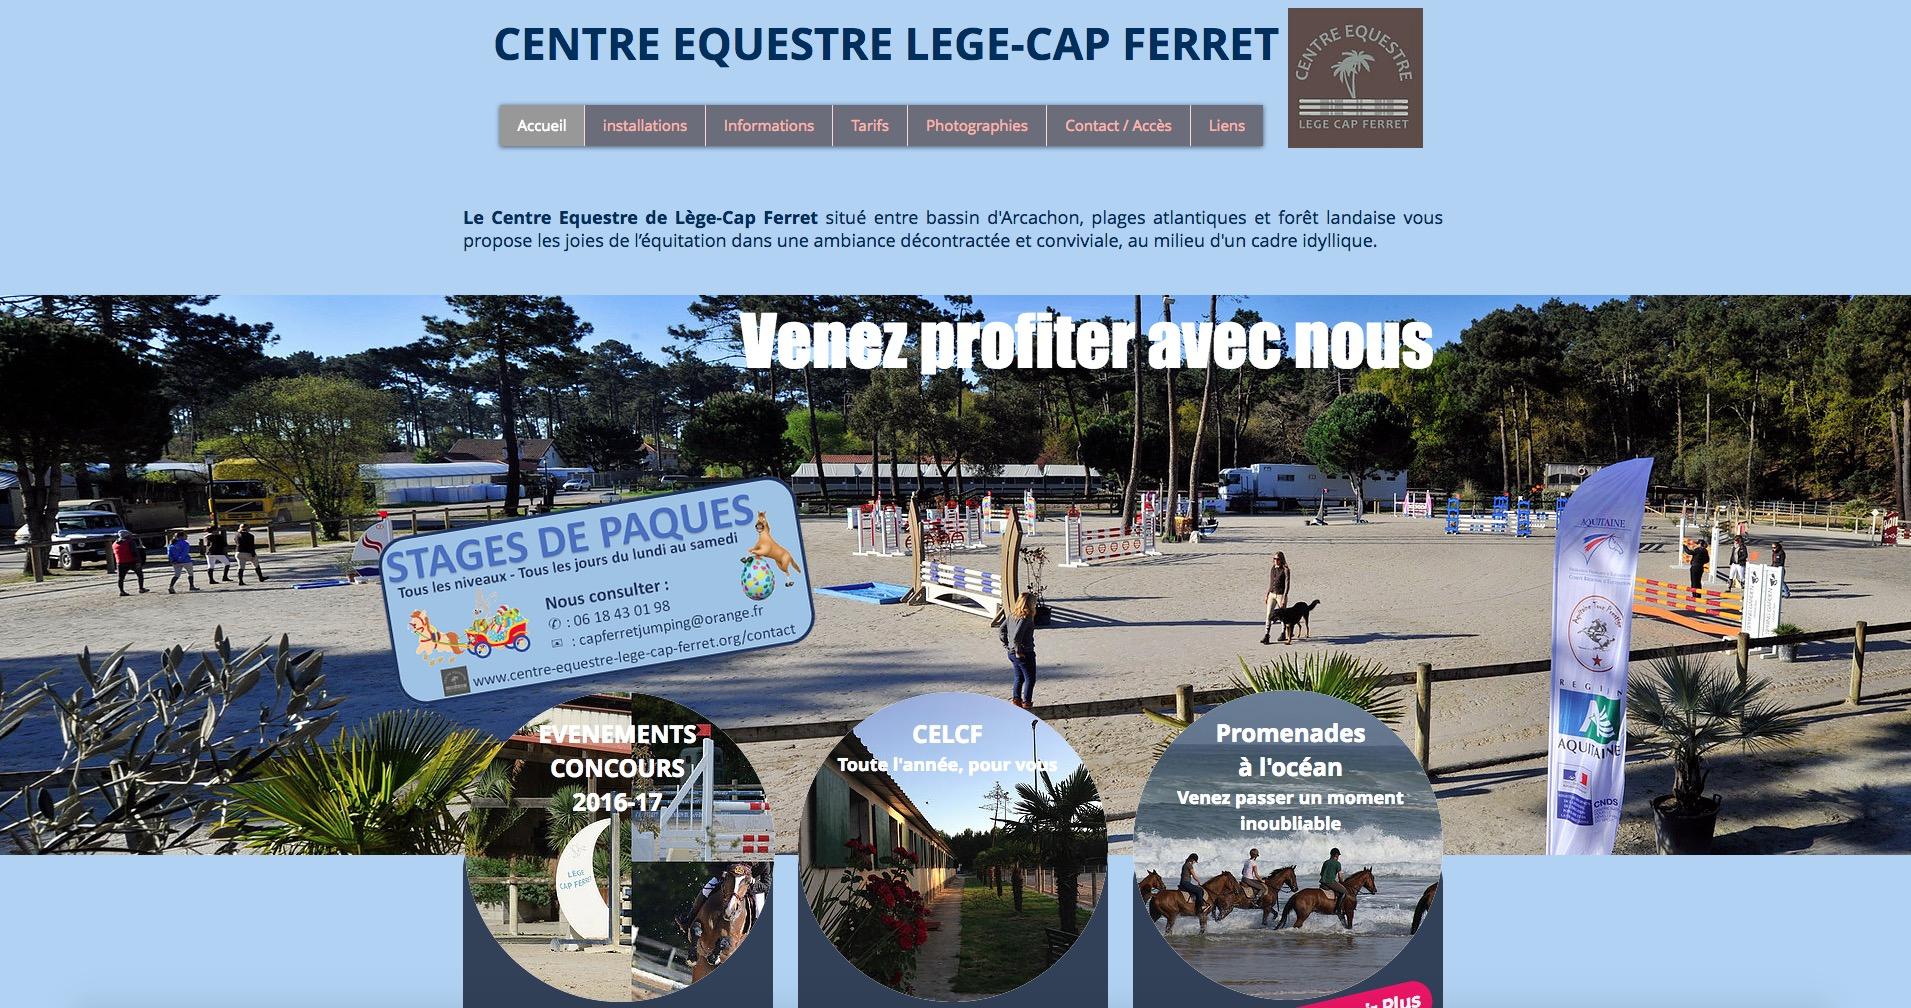 Centre questre de l ge cap ferret escale arcachon - Lege cap ferret office de tourisme ...